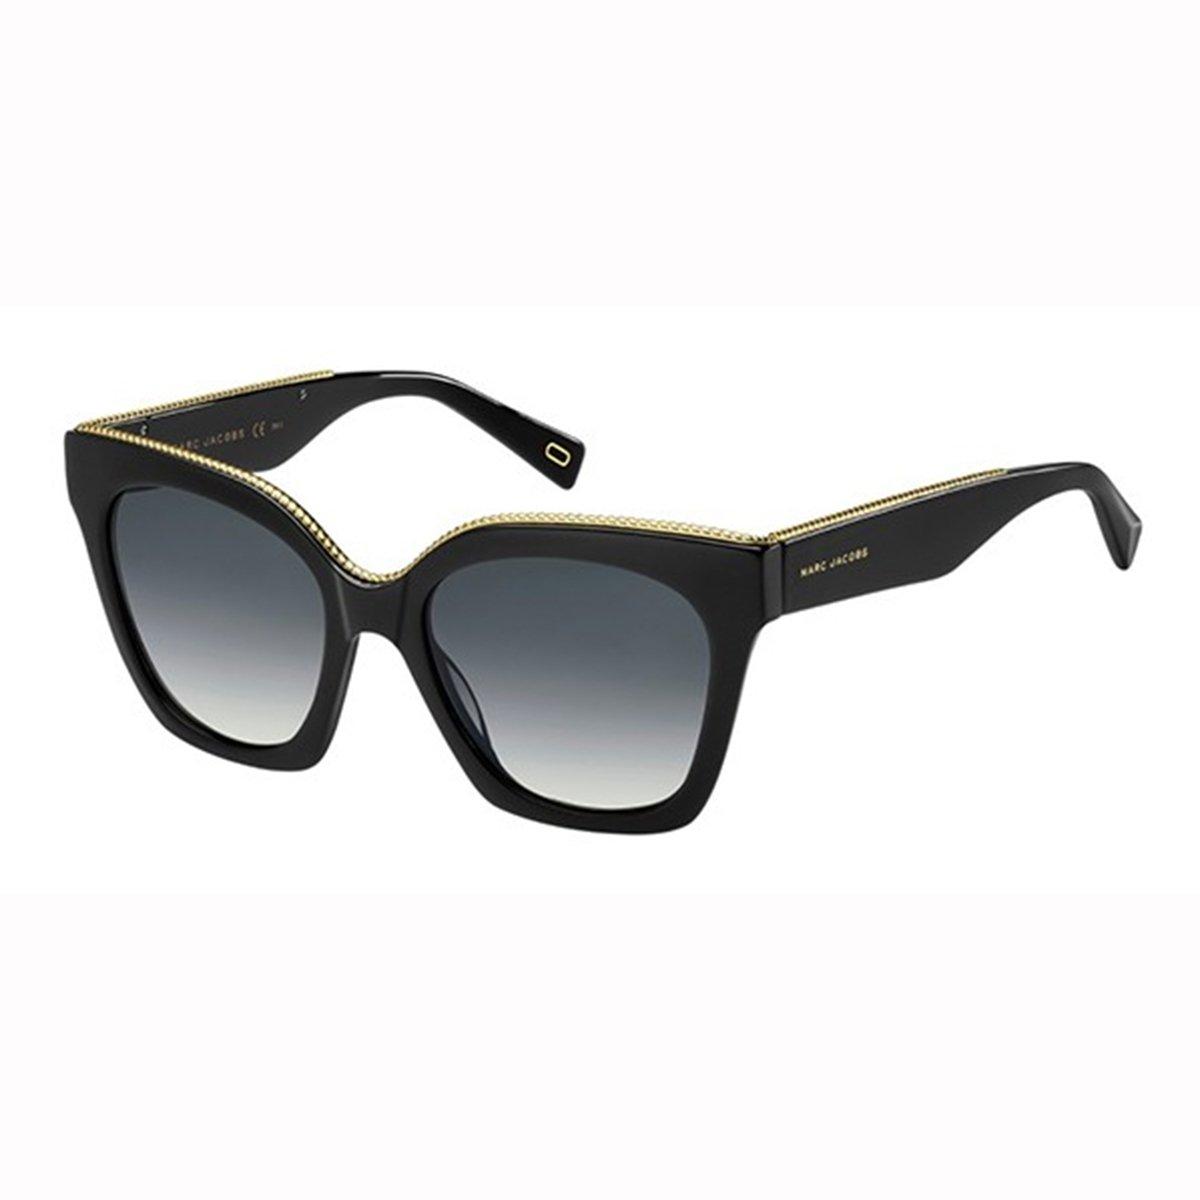 Compre Óculos de Sol Marc Jacobs em 10X   Tri-Jóia Shop fa28635f1f